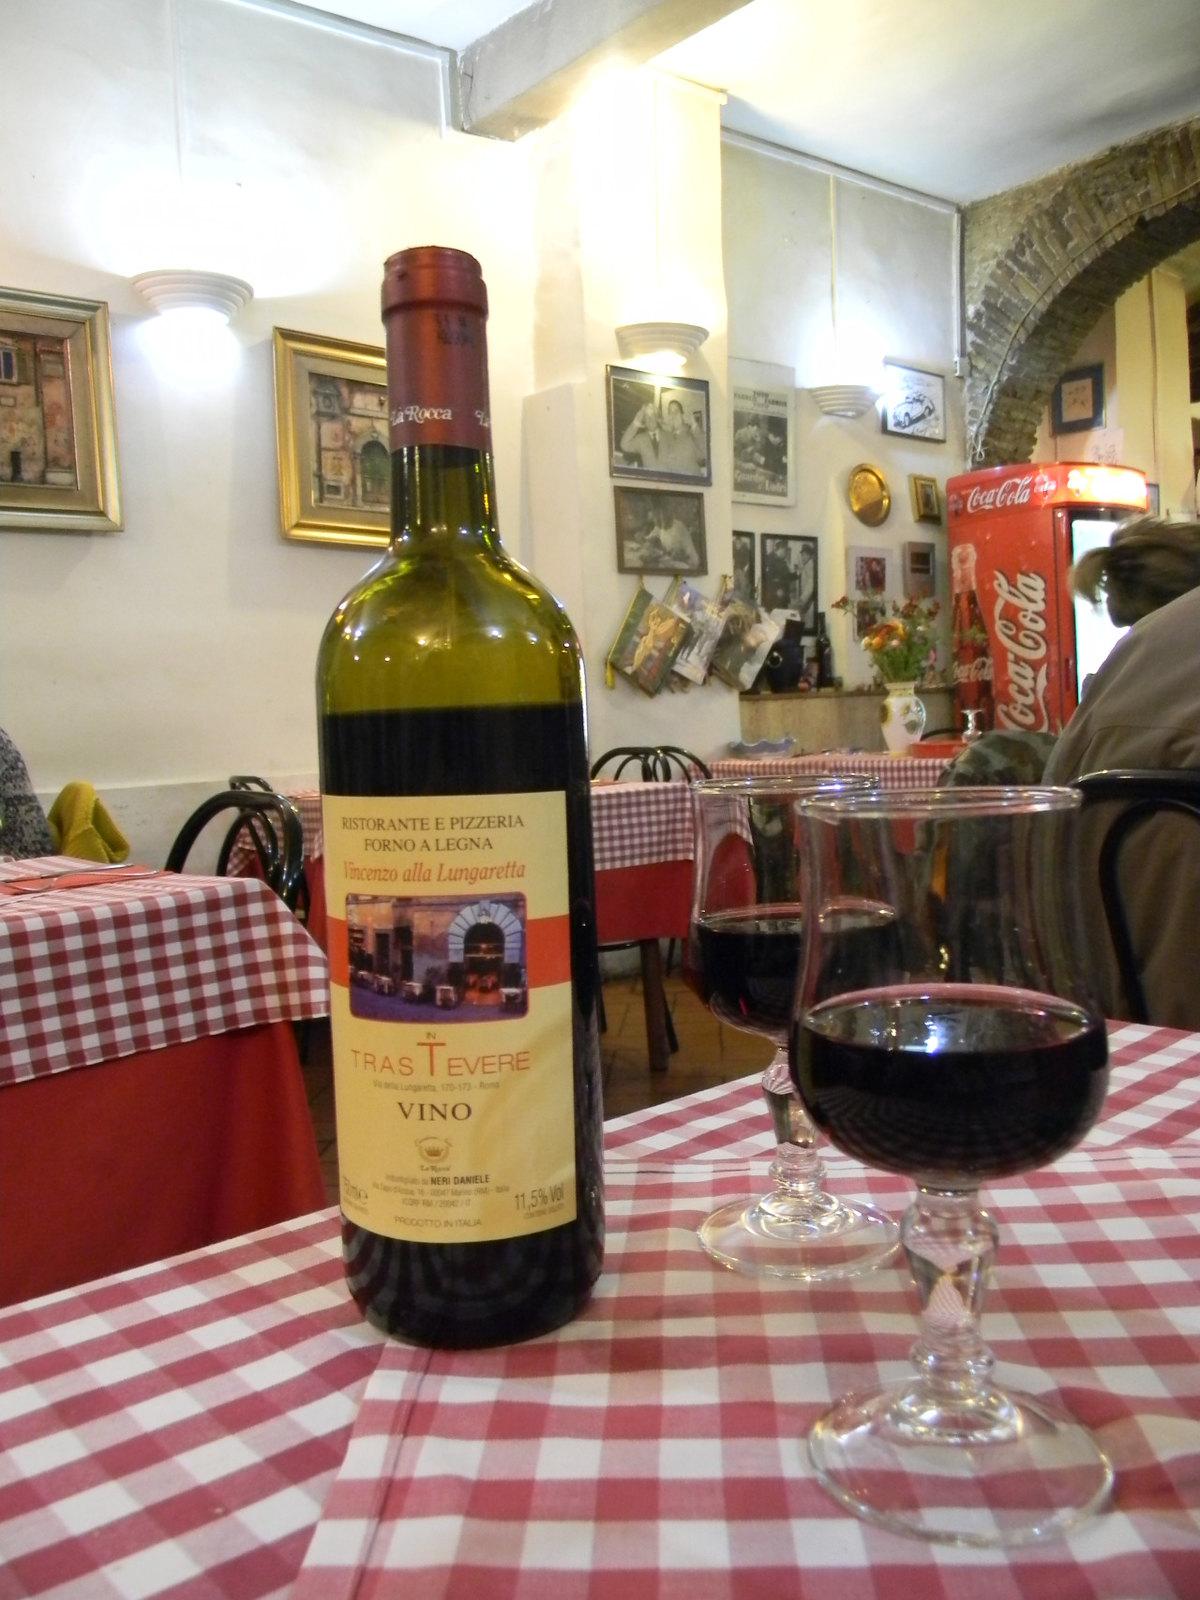 Visiting Italy 5